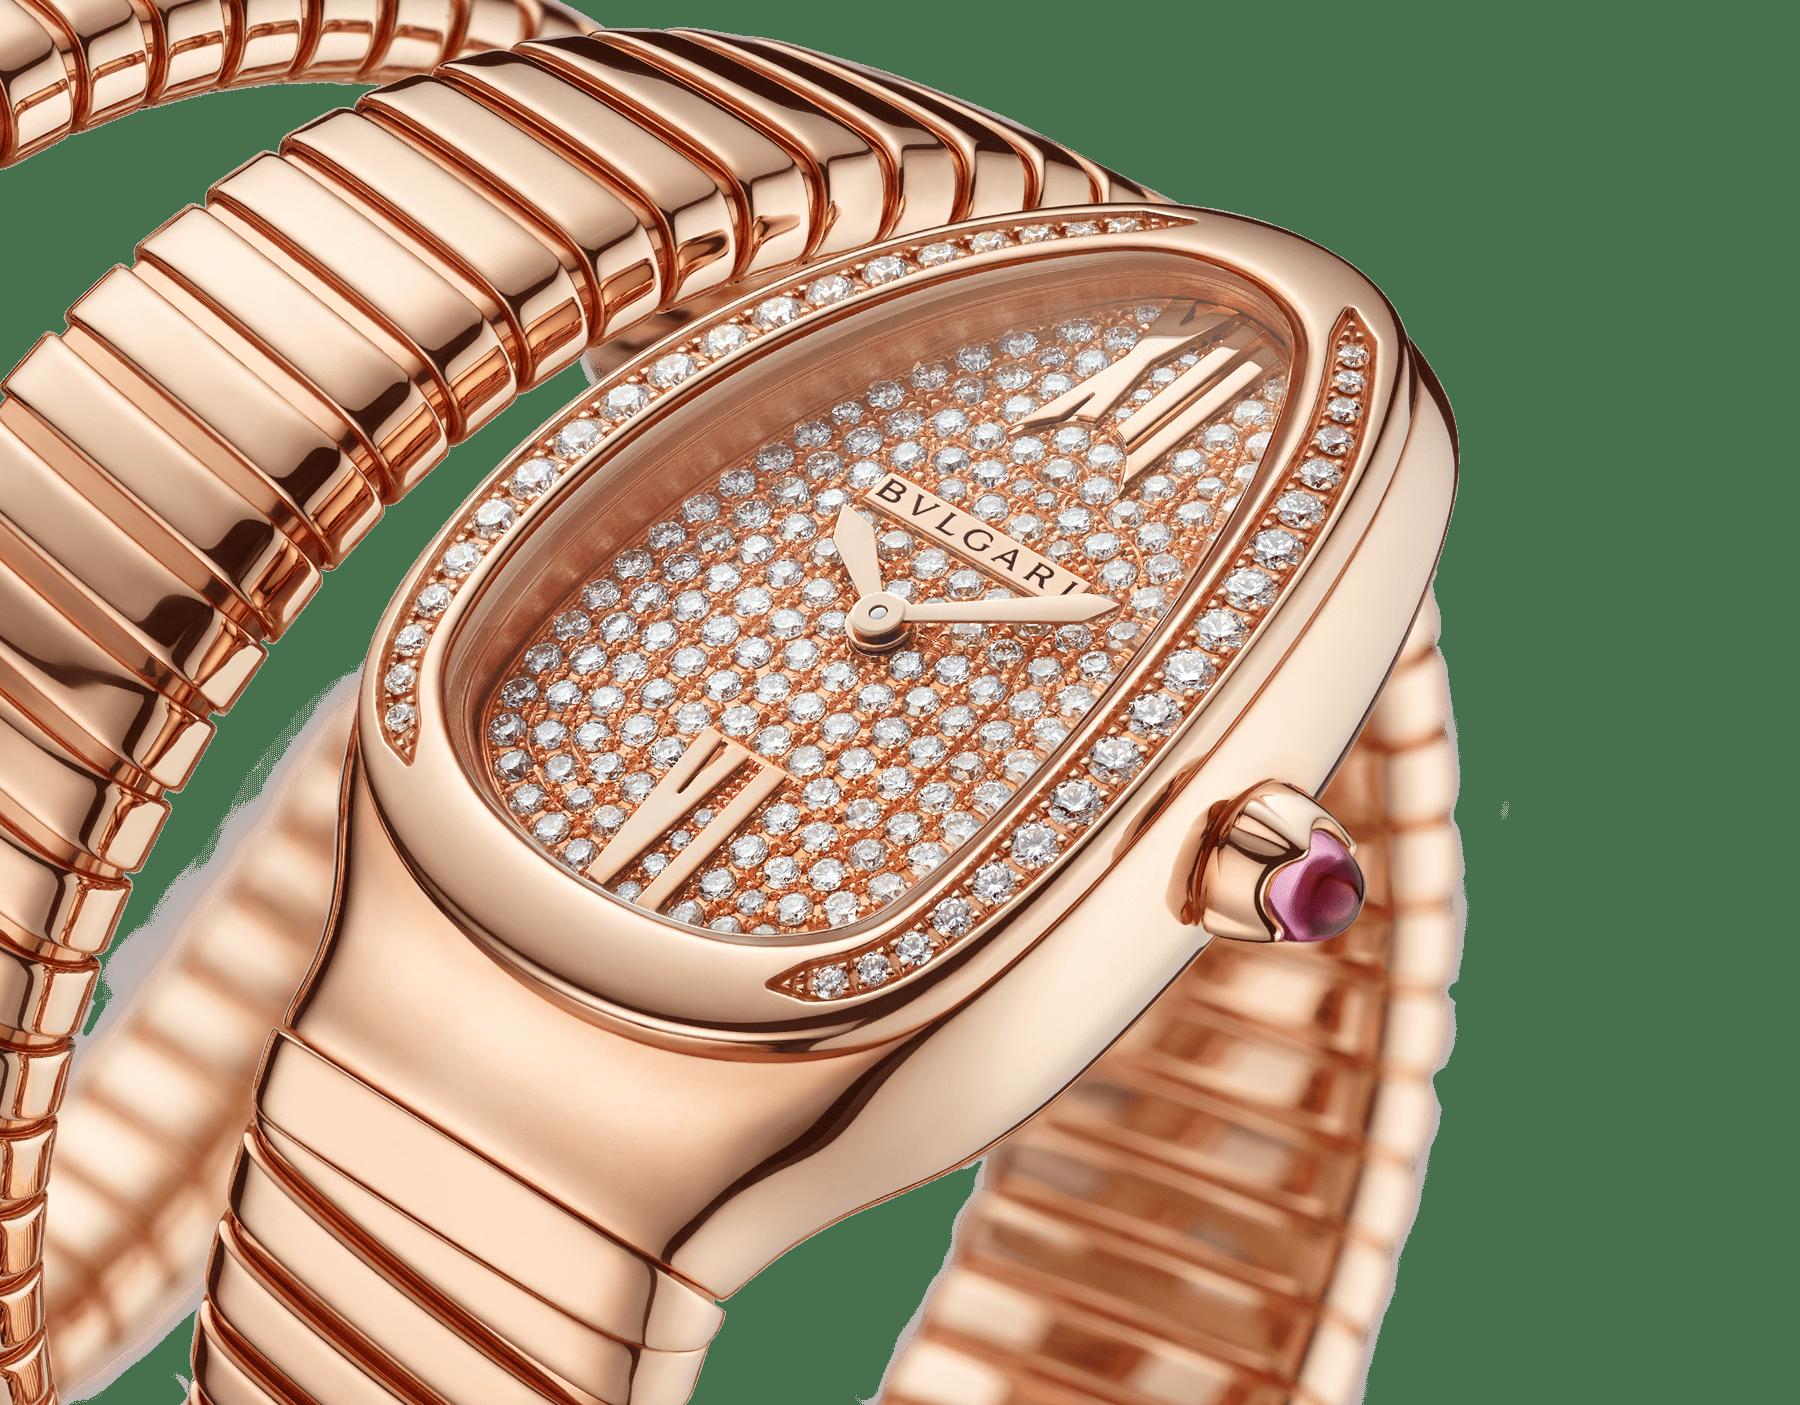 Reloj Serpenti Tubogas de dos vueltas con caja en oro rosa de 18qt con diamantes talla brillante engastados, esfera en oro rosa de 18qt con engaste integral de diamantes talla brillante y brazalete en oro rosa de 18qt. 101956 image 3